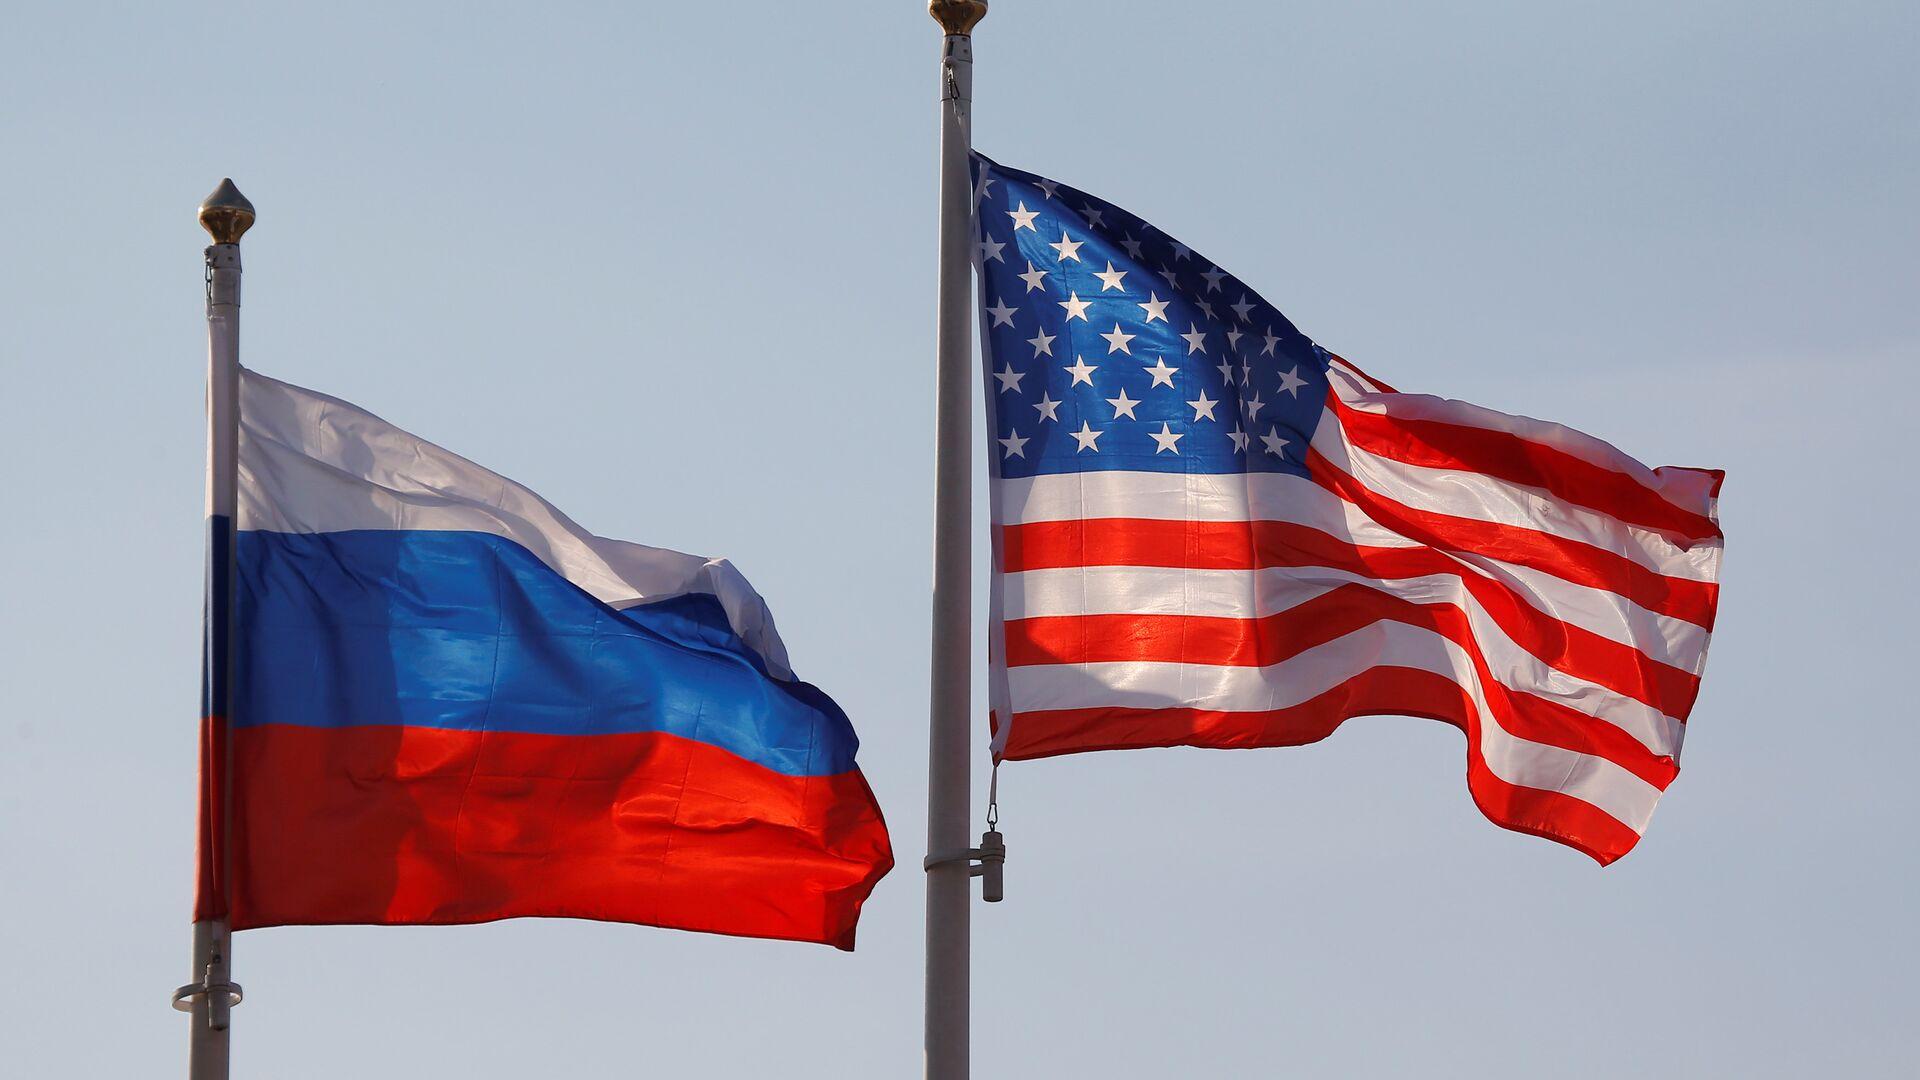 Οι σημαίες των ΗΠΑ και Ρωσία - Sputnik Ελλάδα, 1920, 12.10.2021